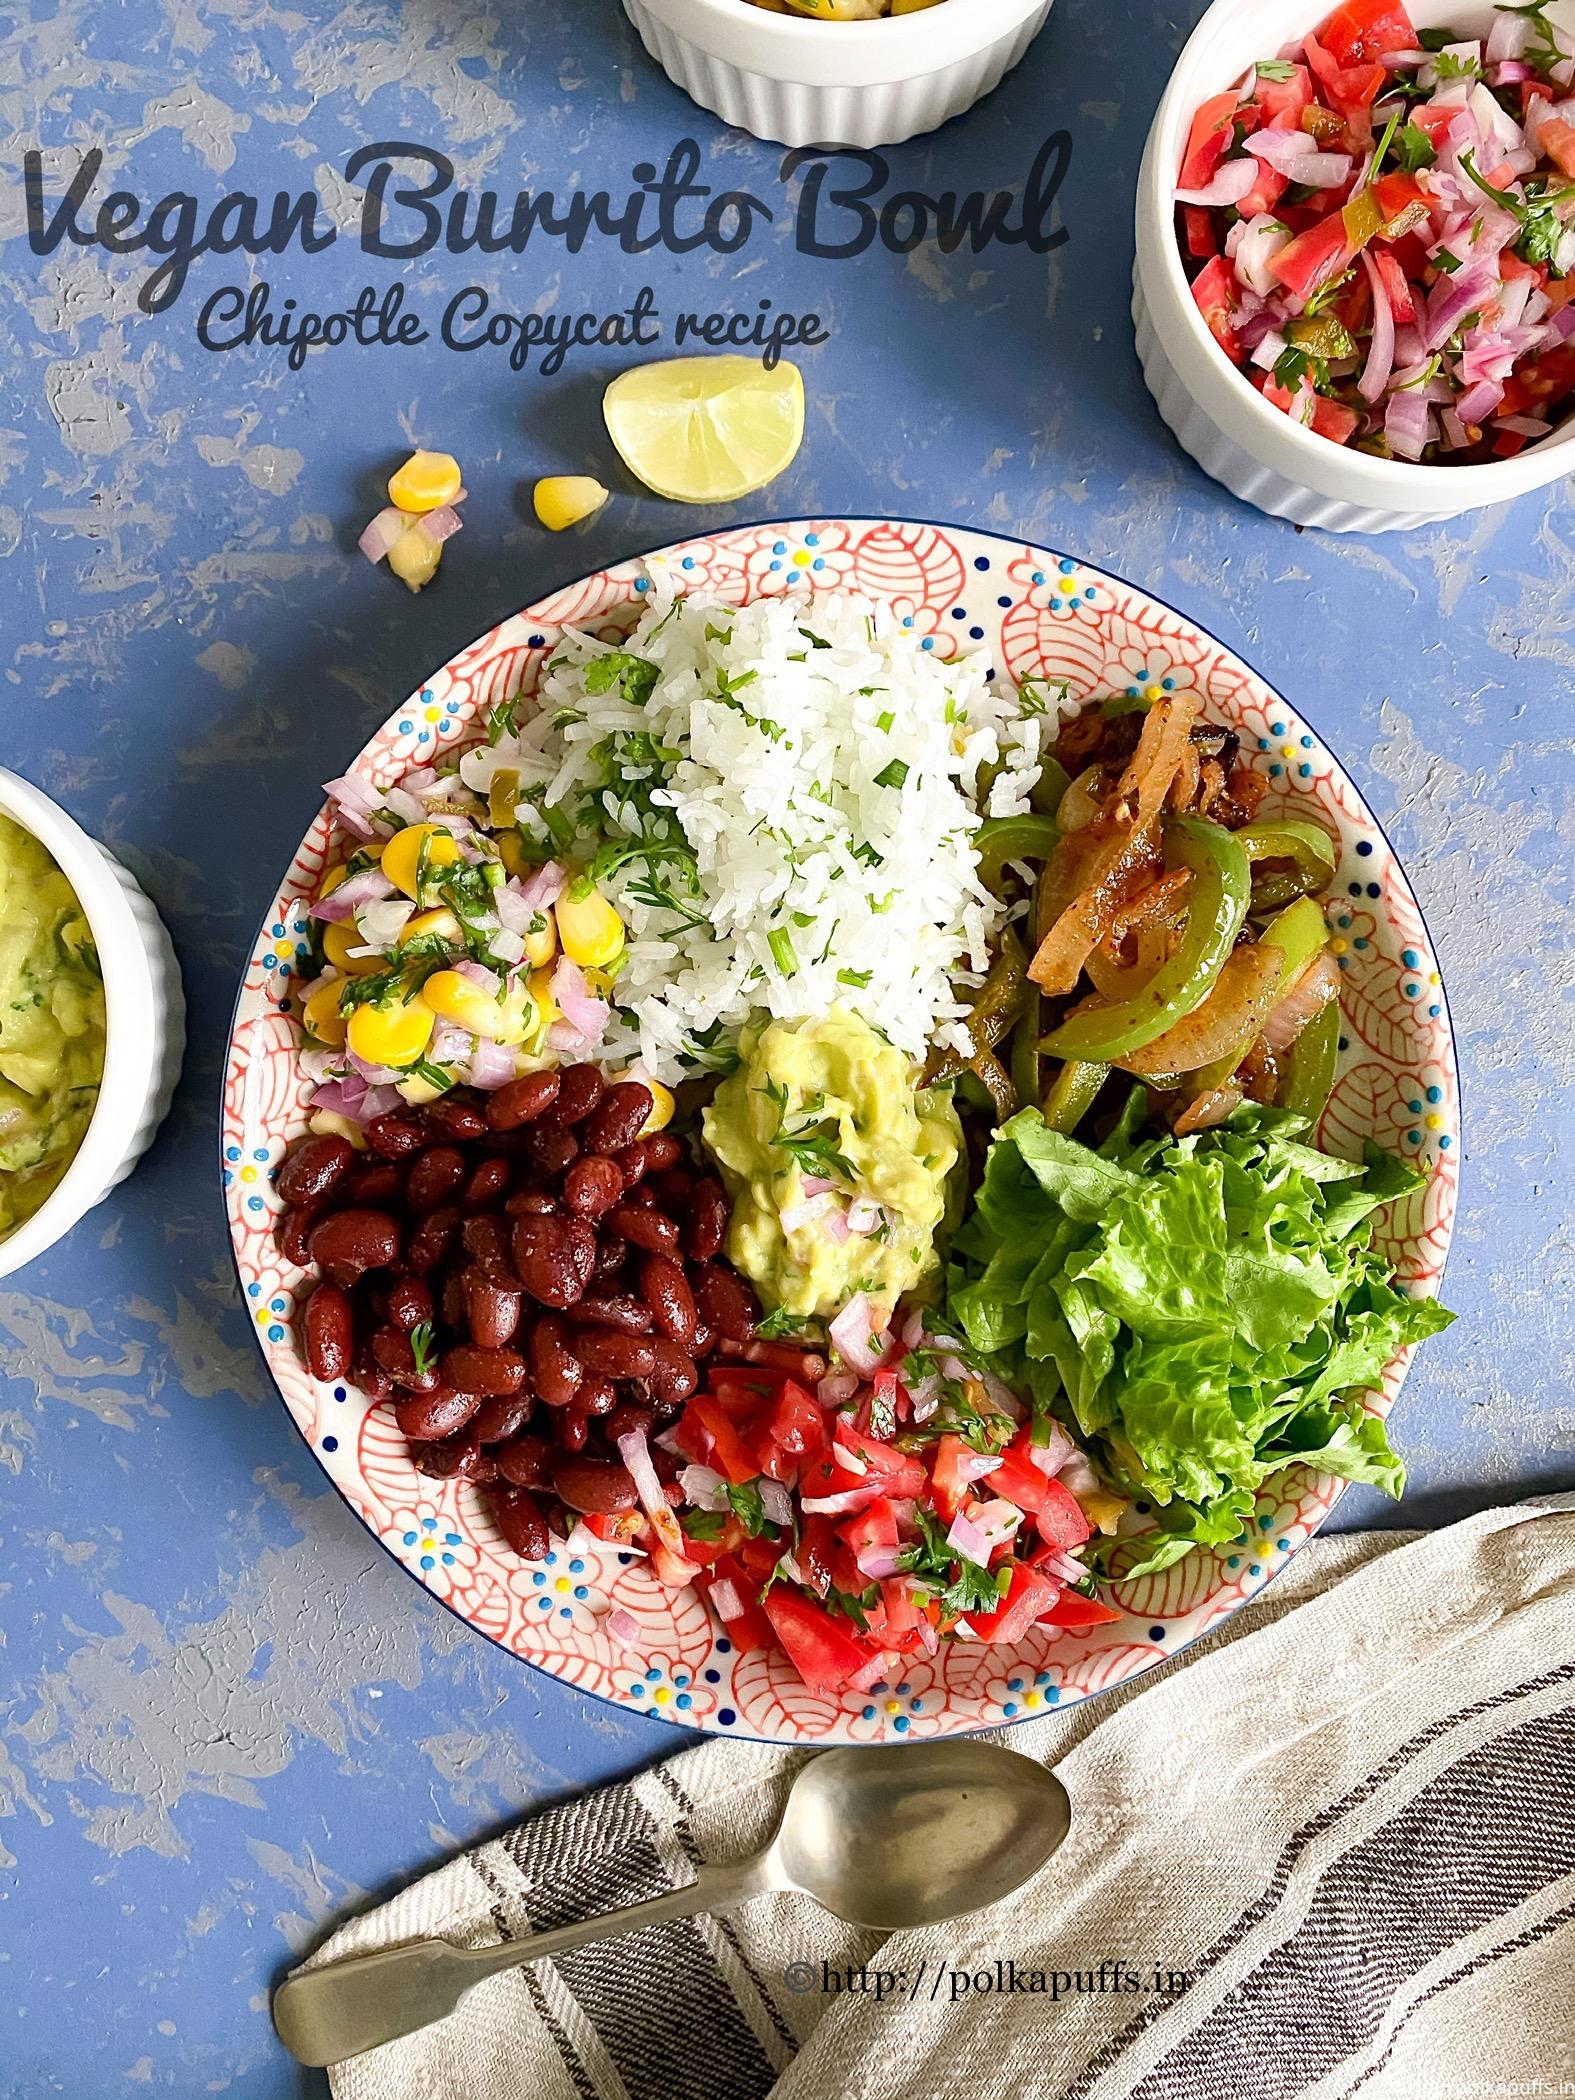 Chipotle Copycat Burrito Bowls pinterest